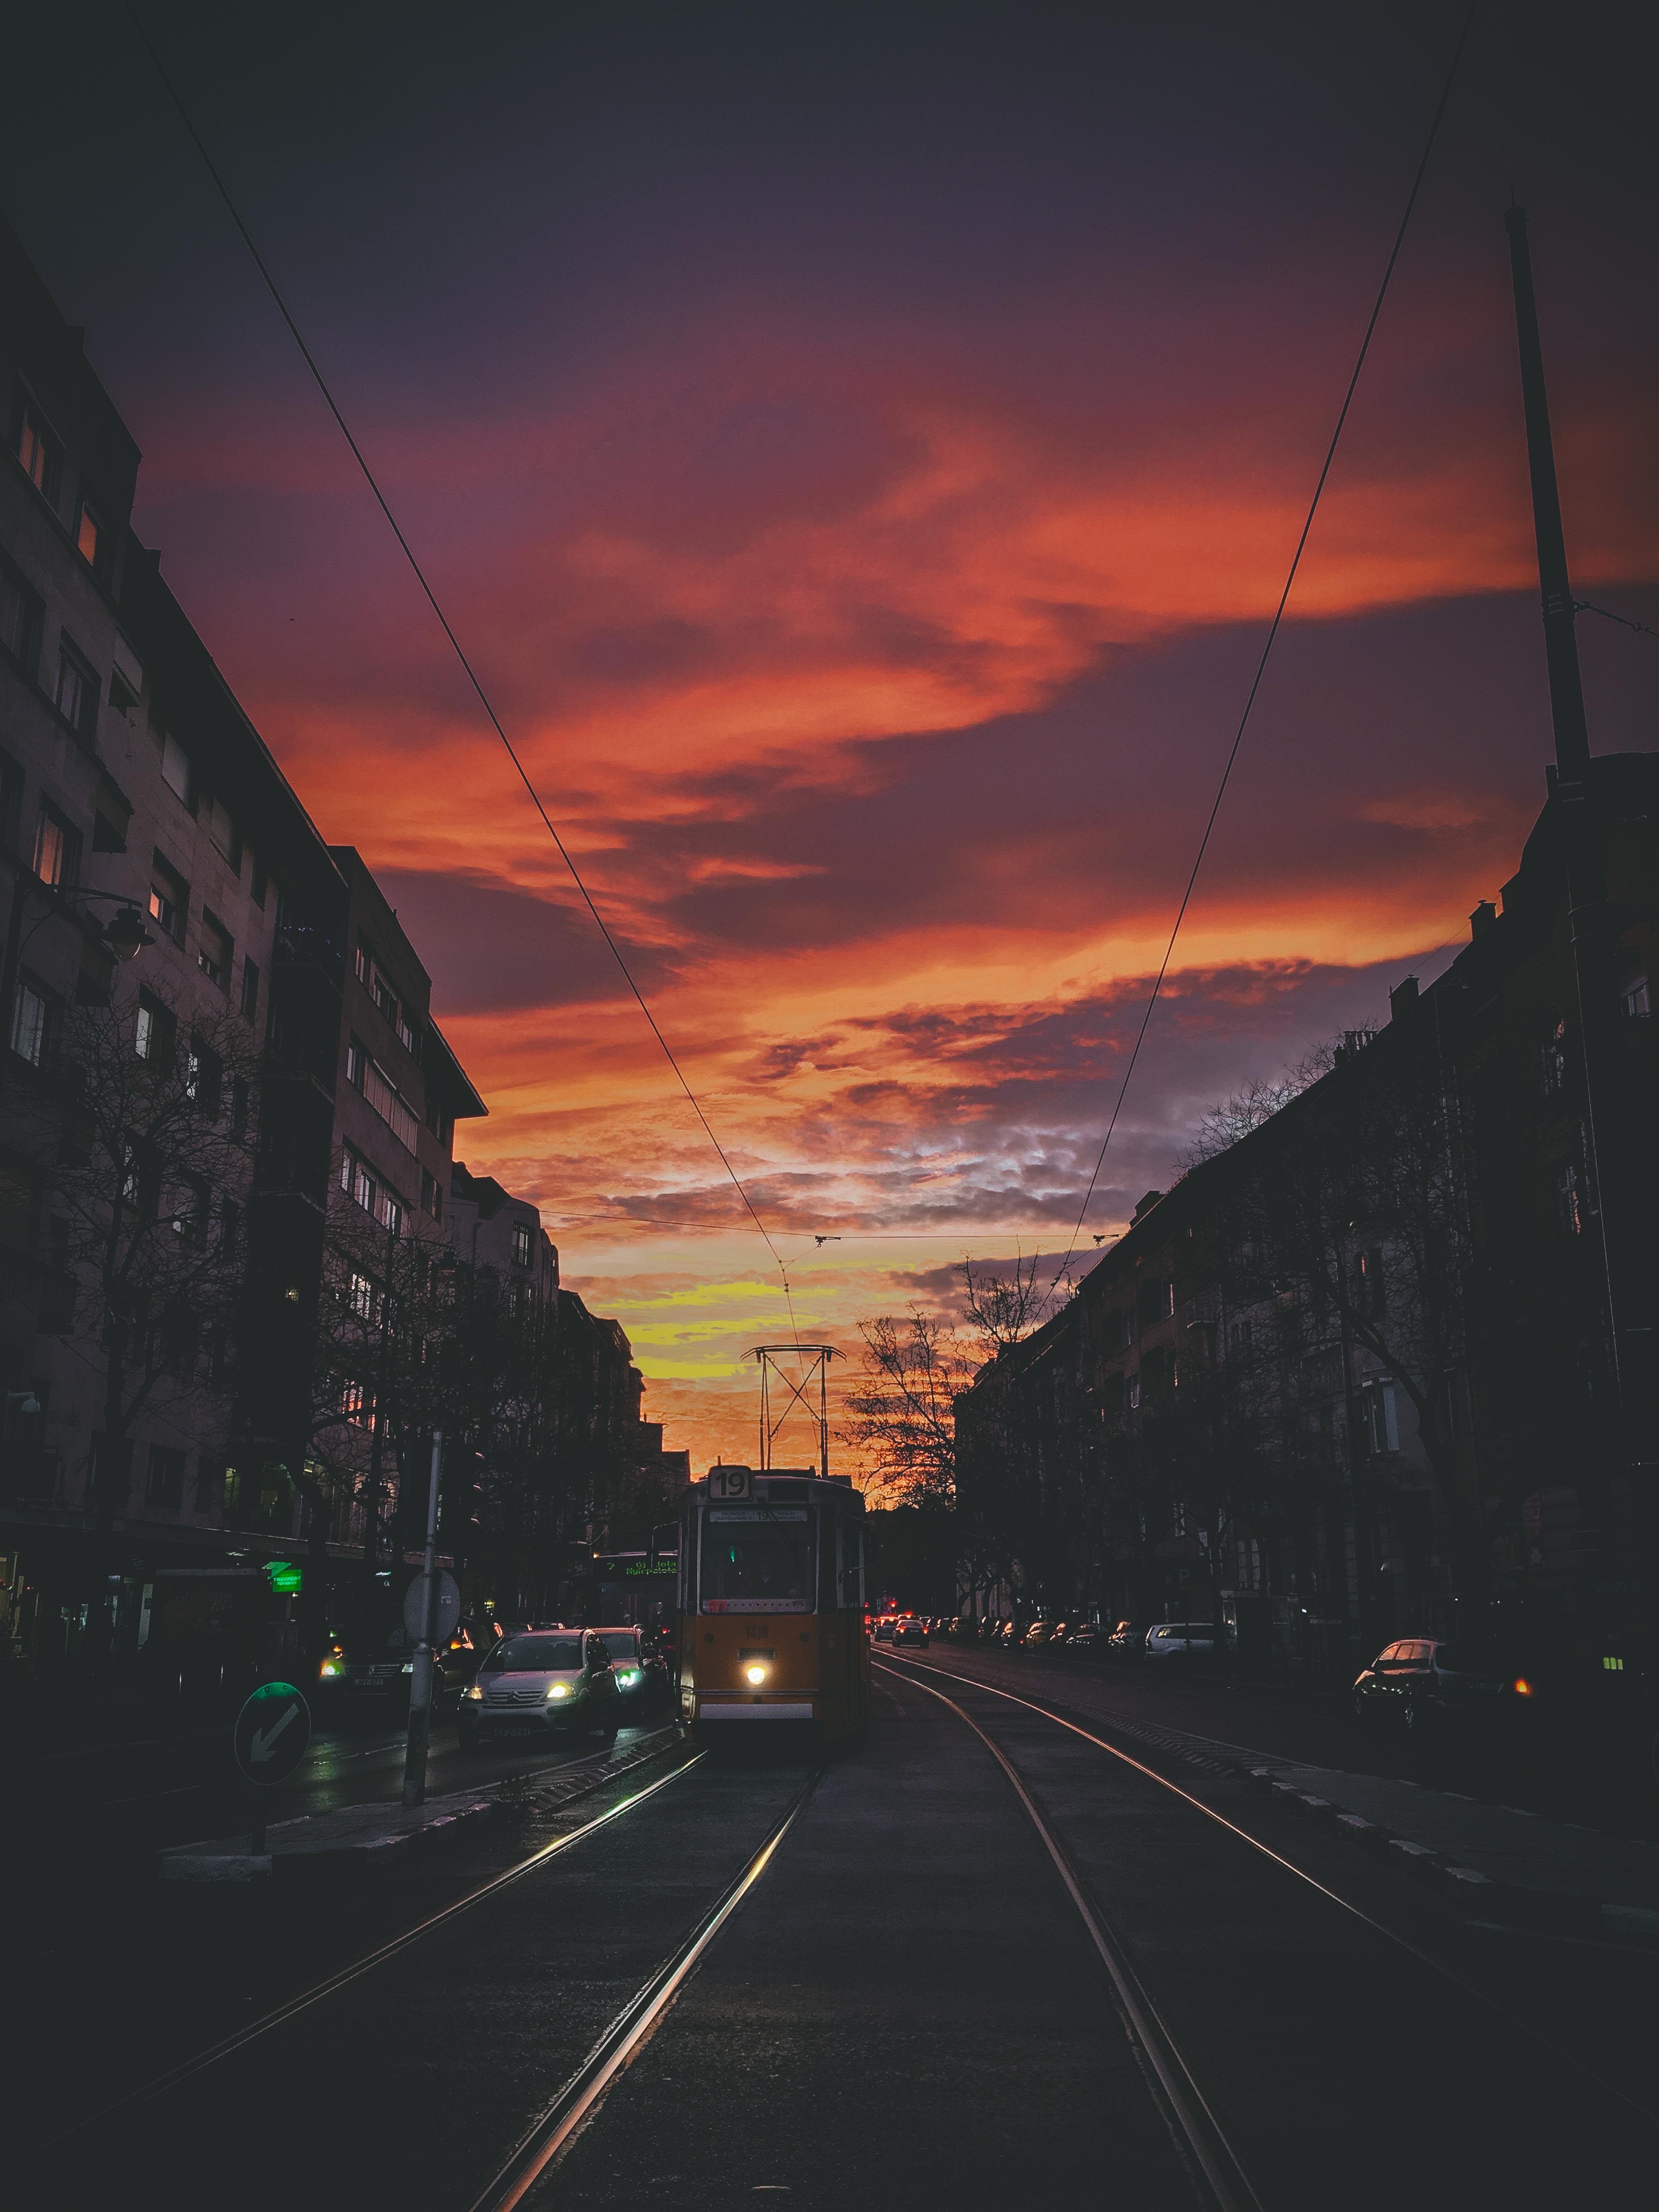 Bartók Sky: Munka után a Bartókon sétáltam hazafelé, és hát ha elég extra a naplemente, akkor azt nem szabad kihagyni.<br />